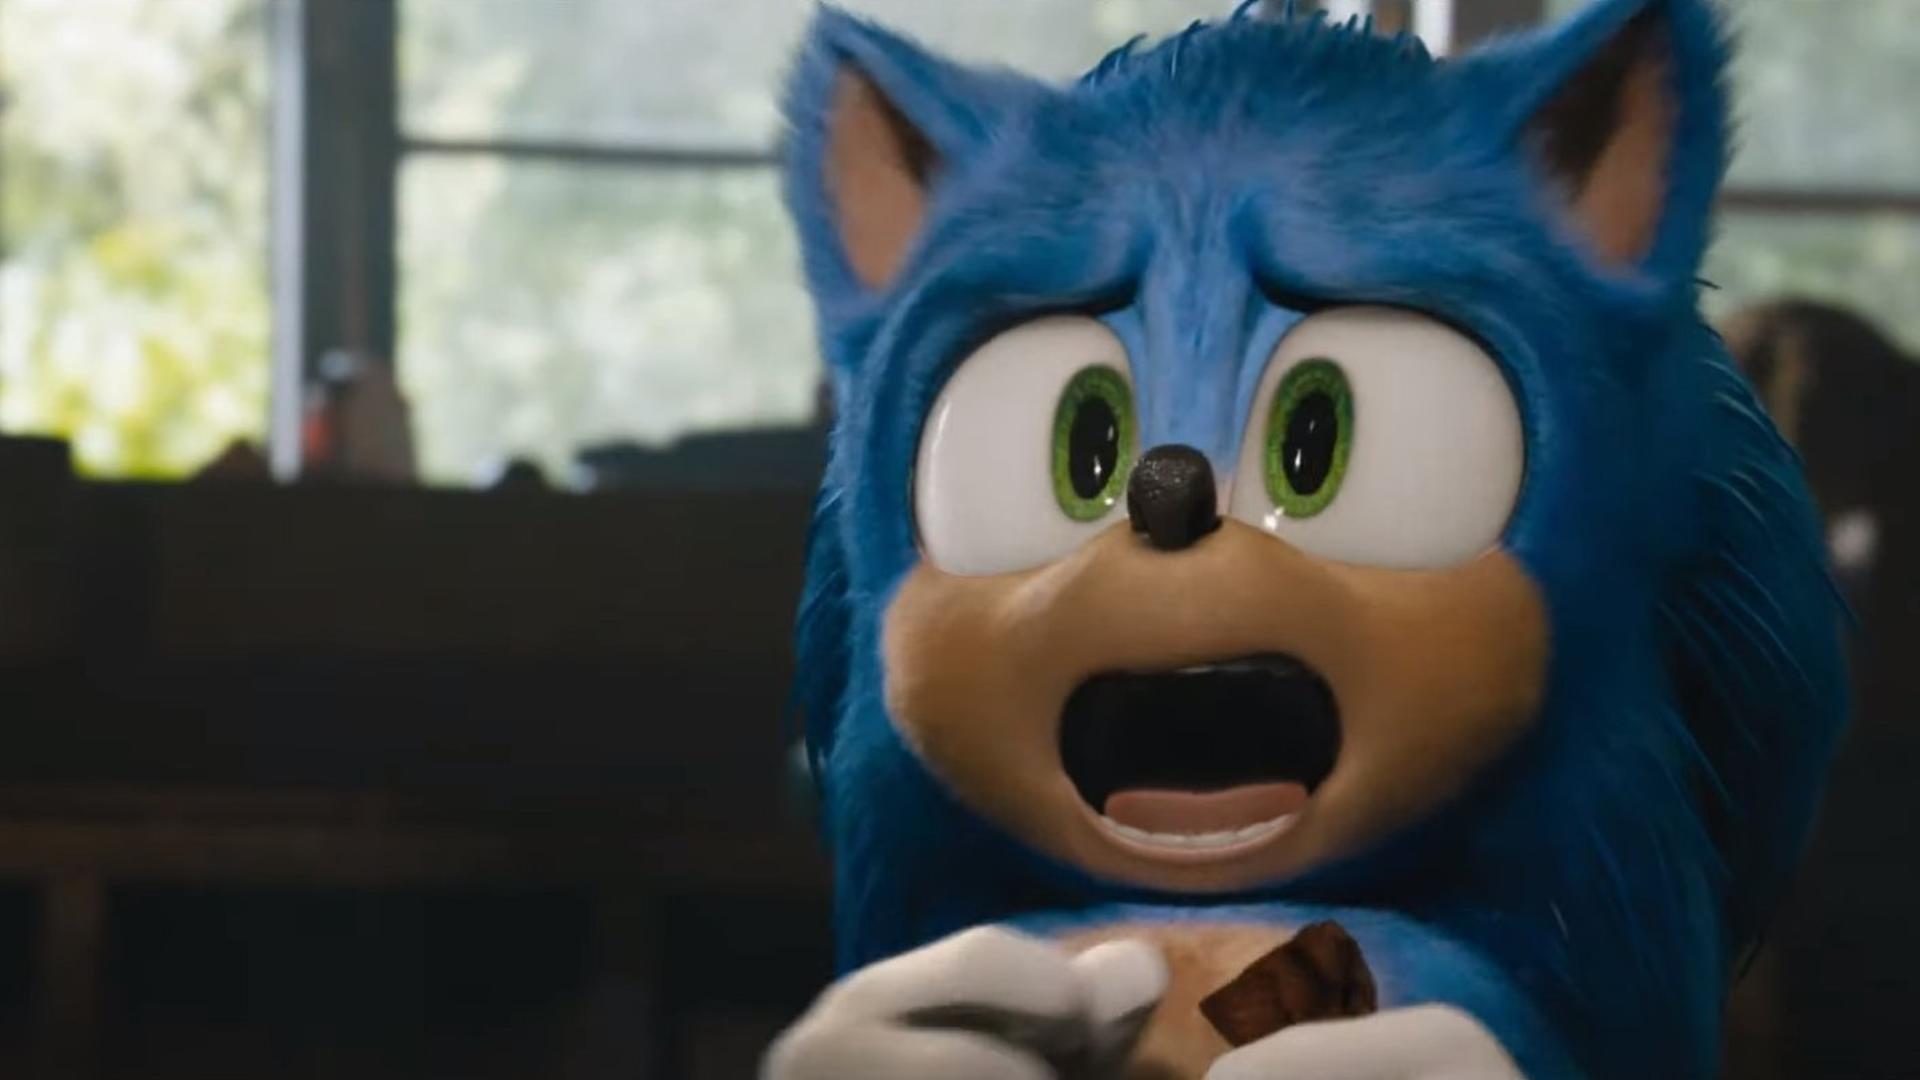 Criador de Sonic ainda não está satisfeito com design do personagem no filme